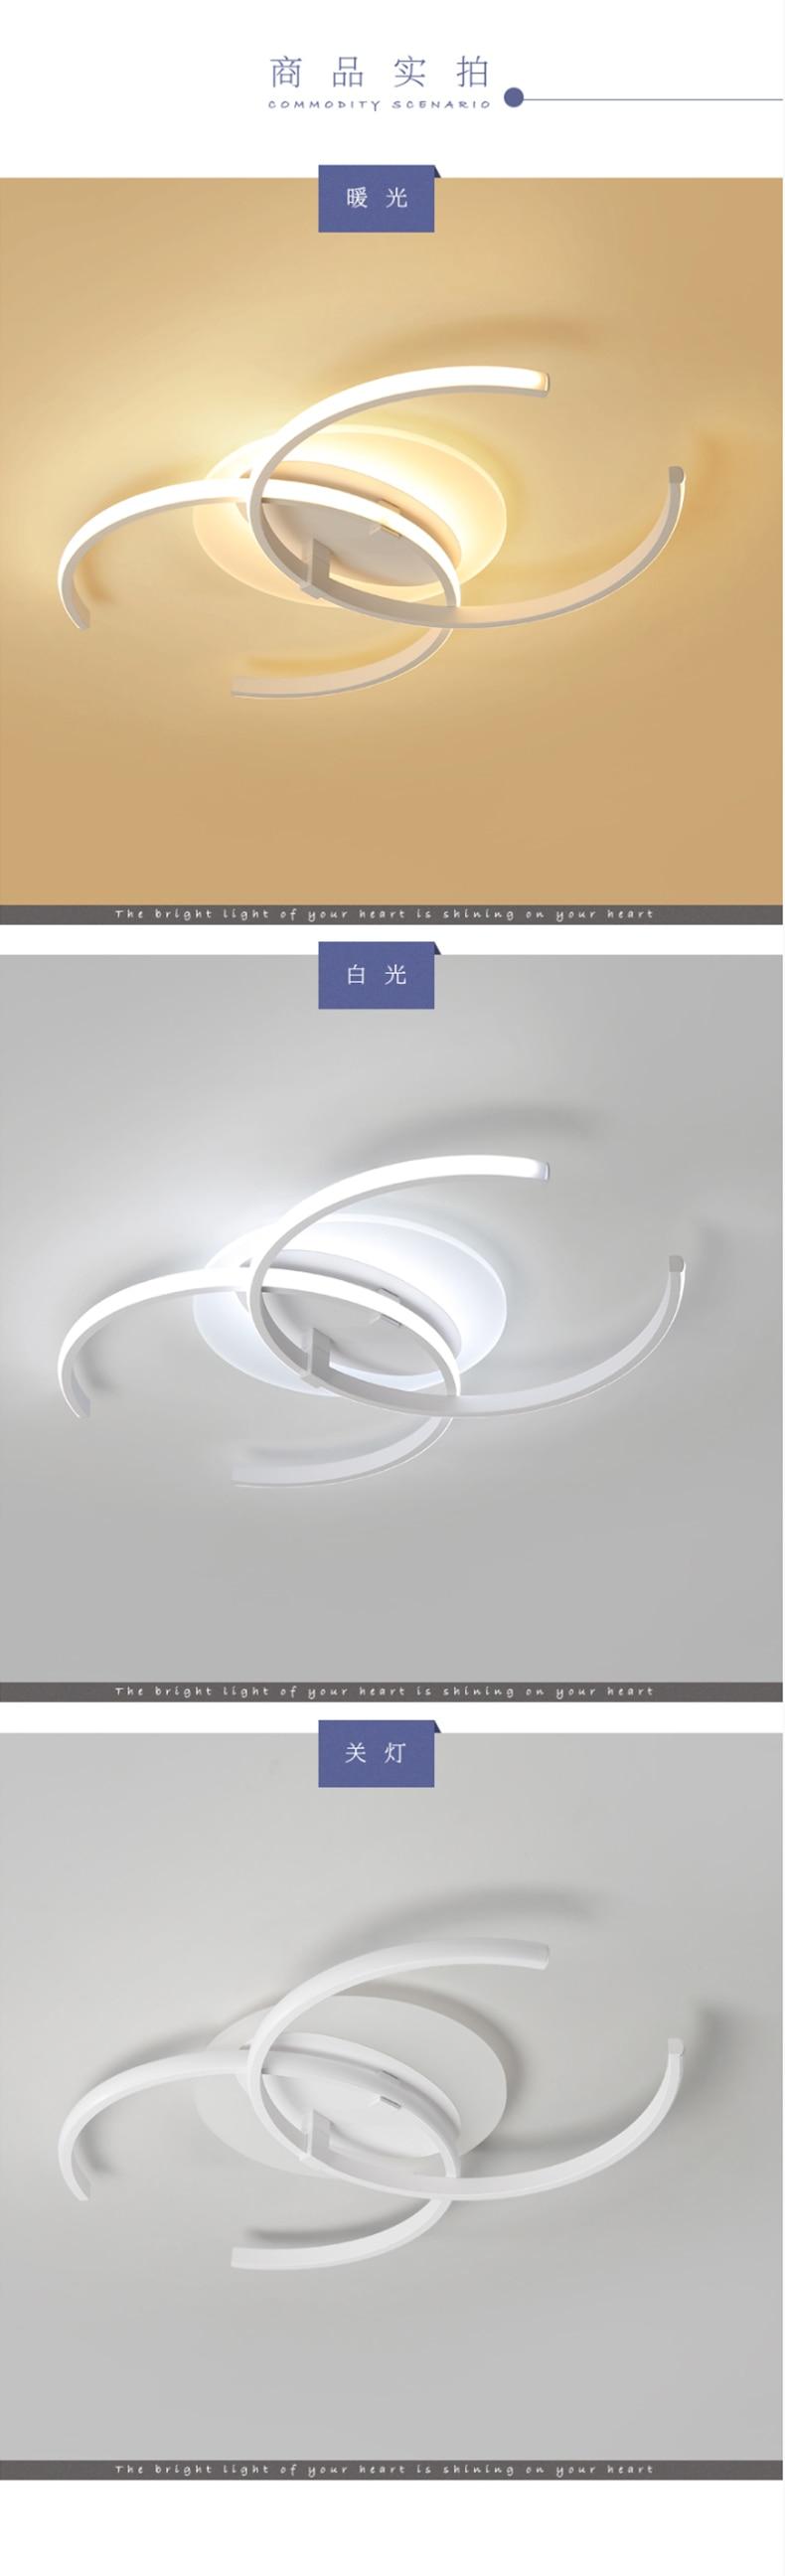 LED-tmall_07